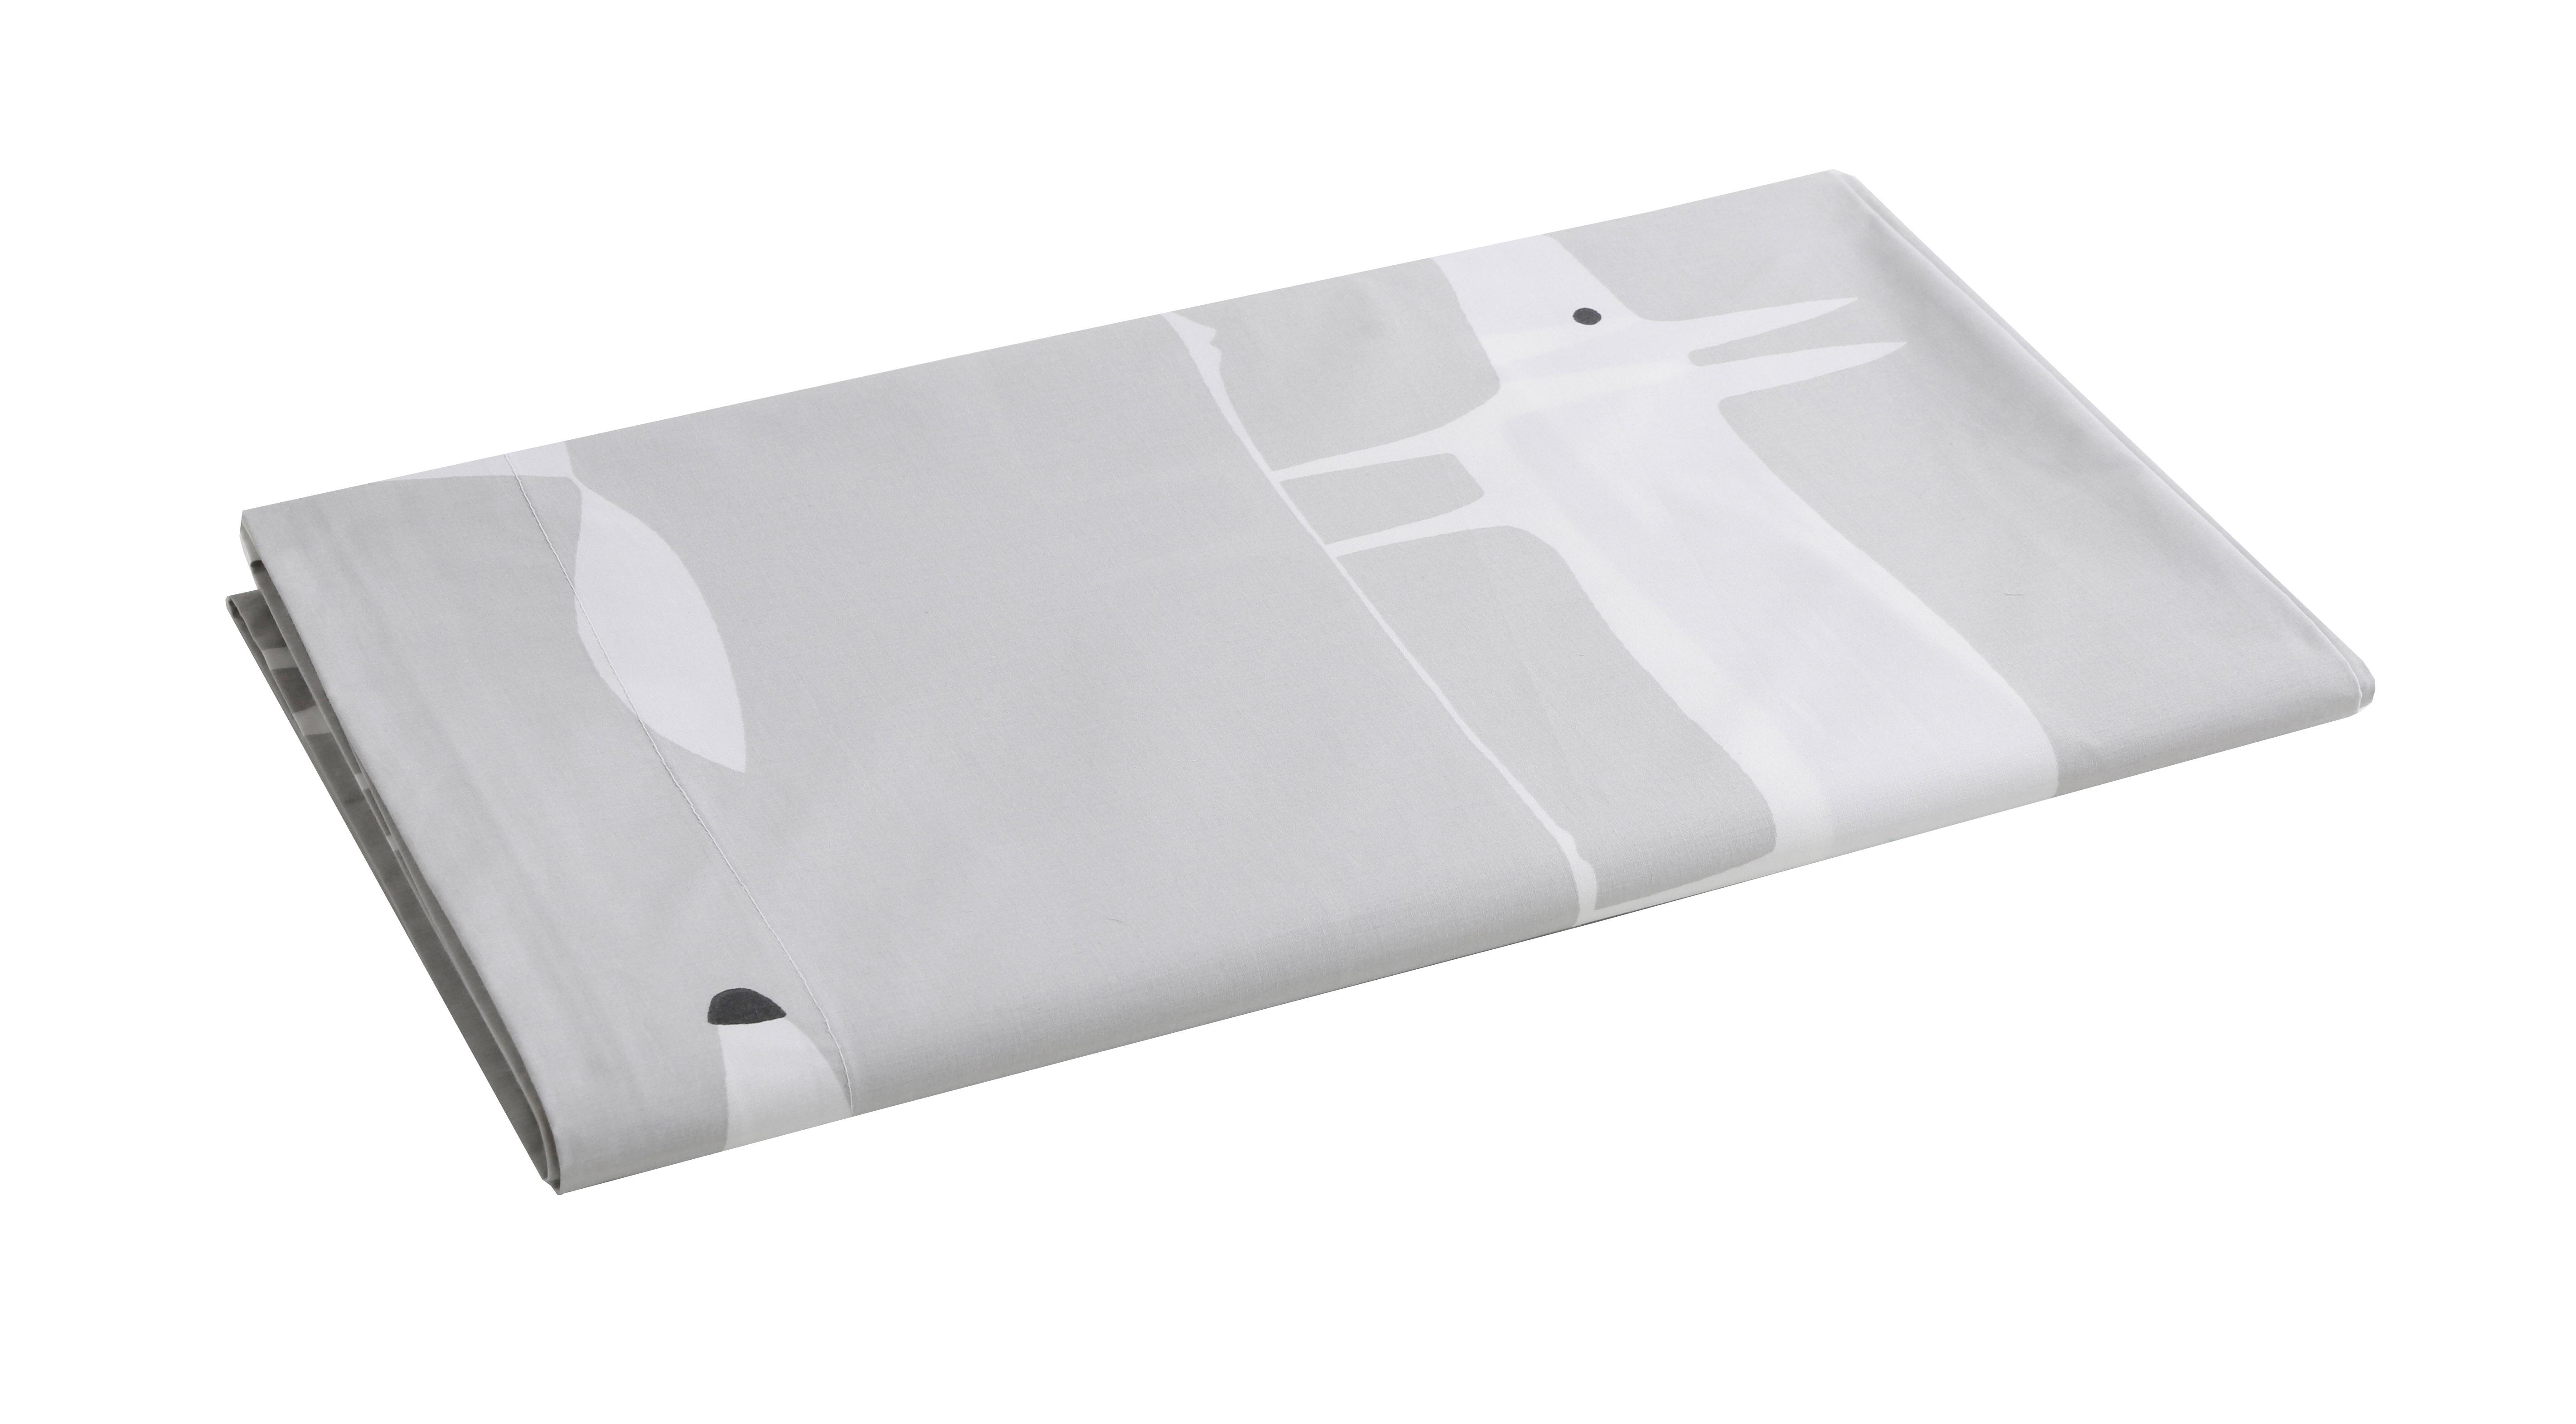 mr fox drap la boutique blanc des vosges. Black Bedroom Furniture Sets. Home Design Ideas